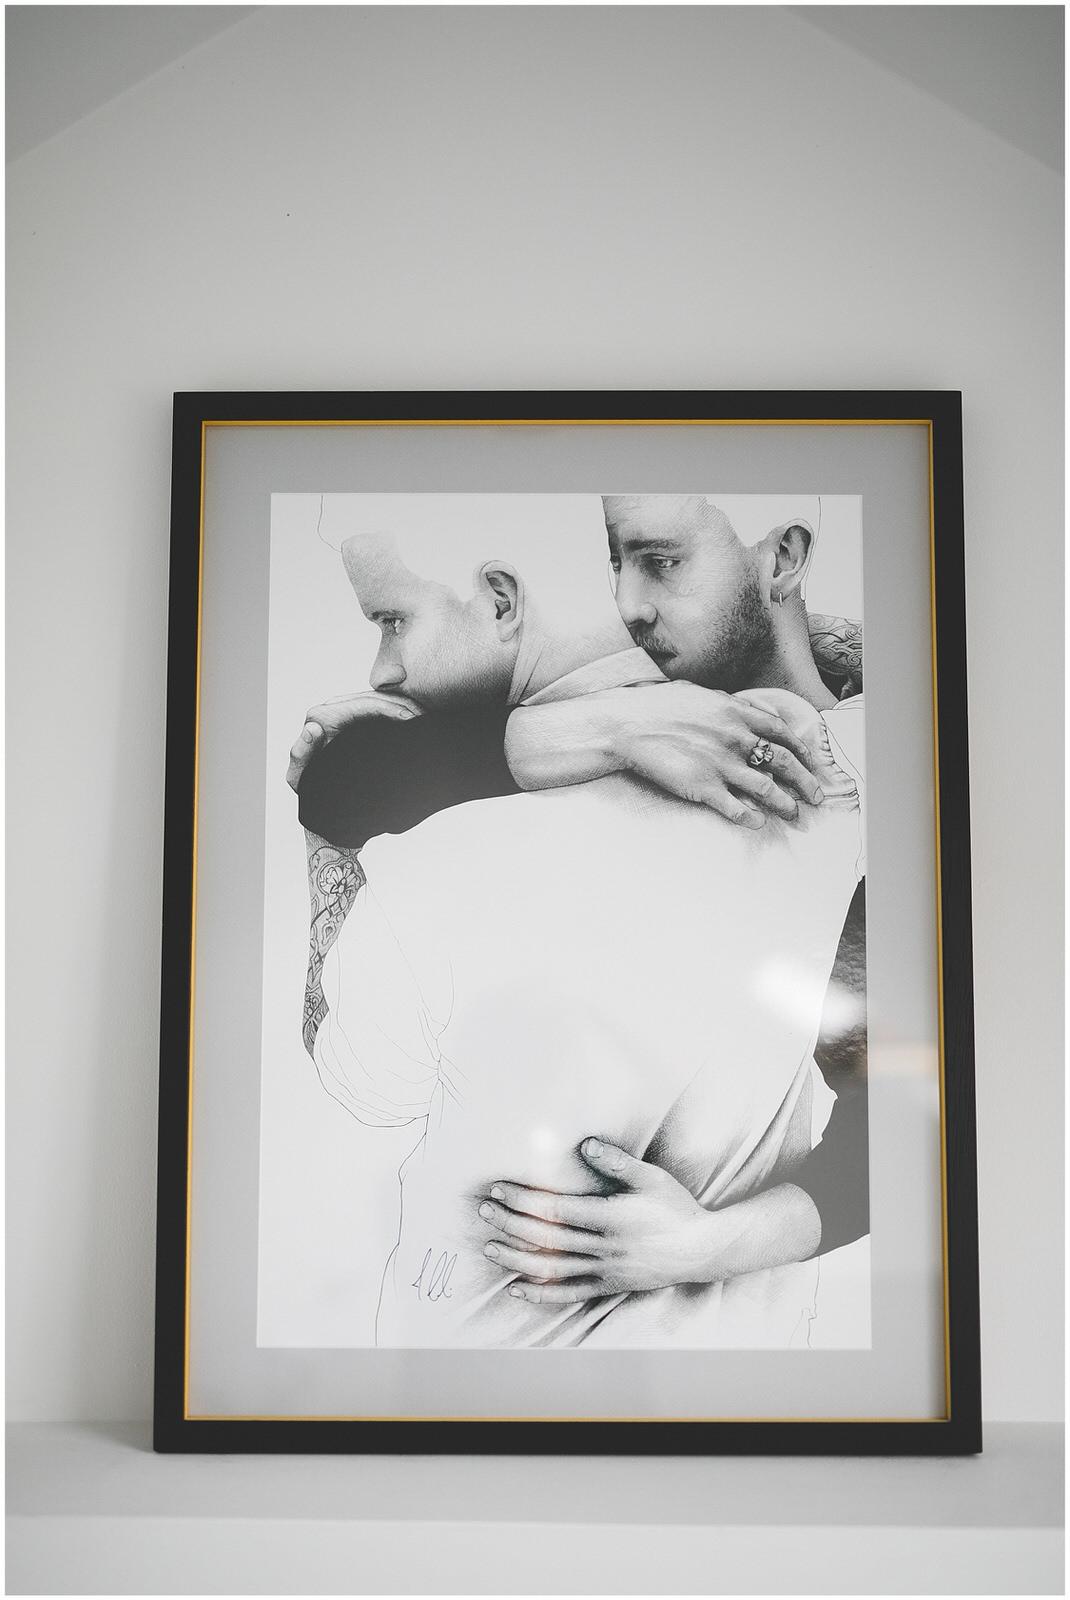 Joe Caslin print